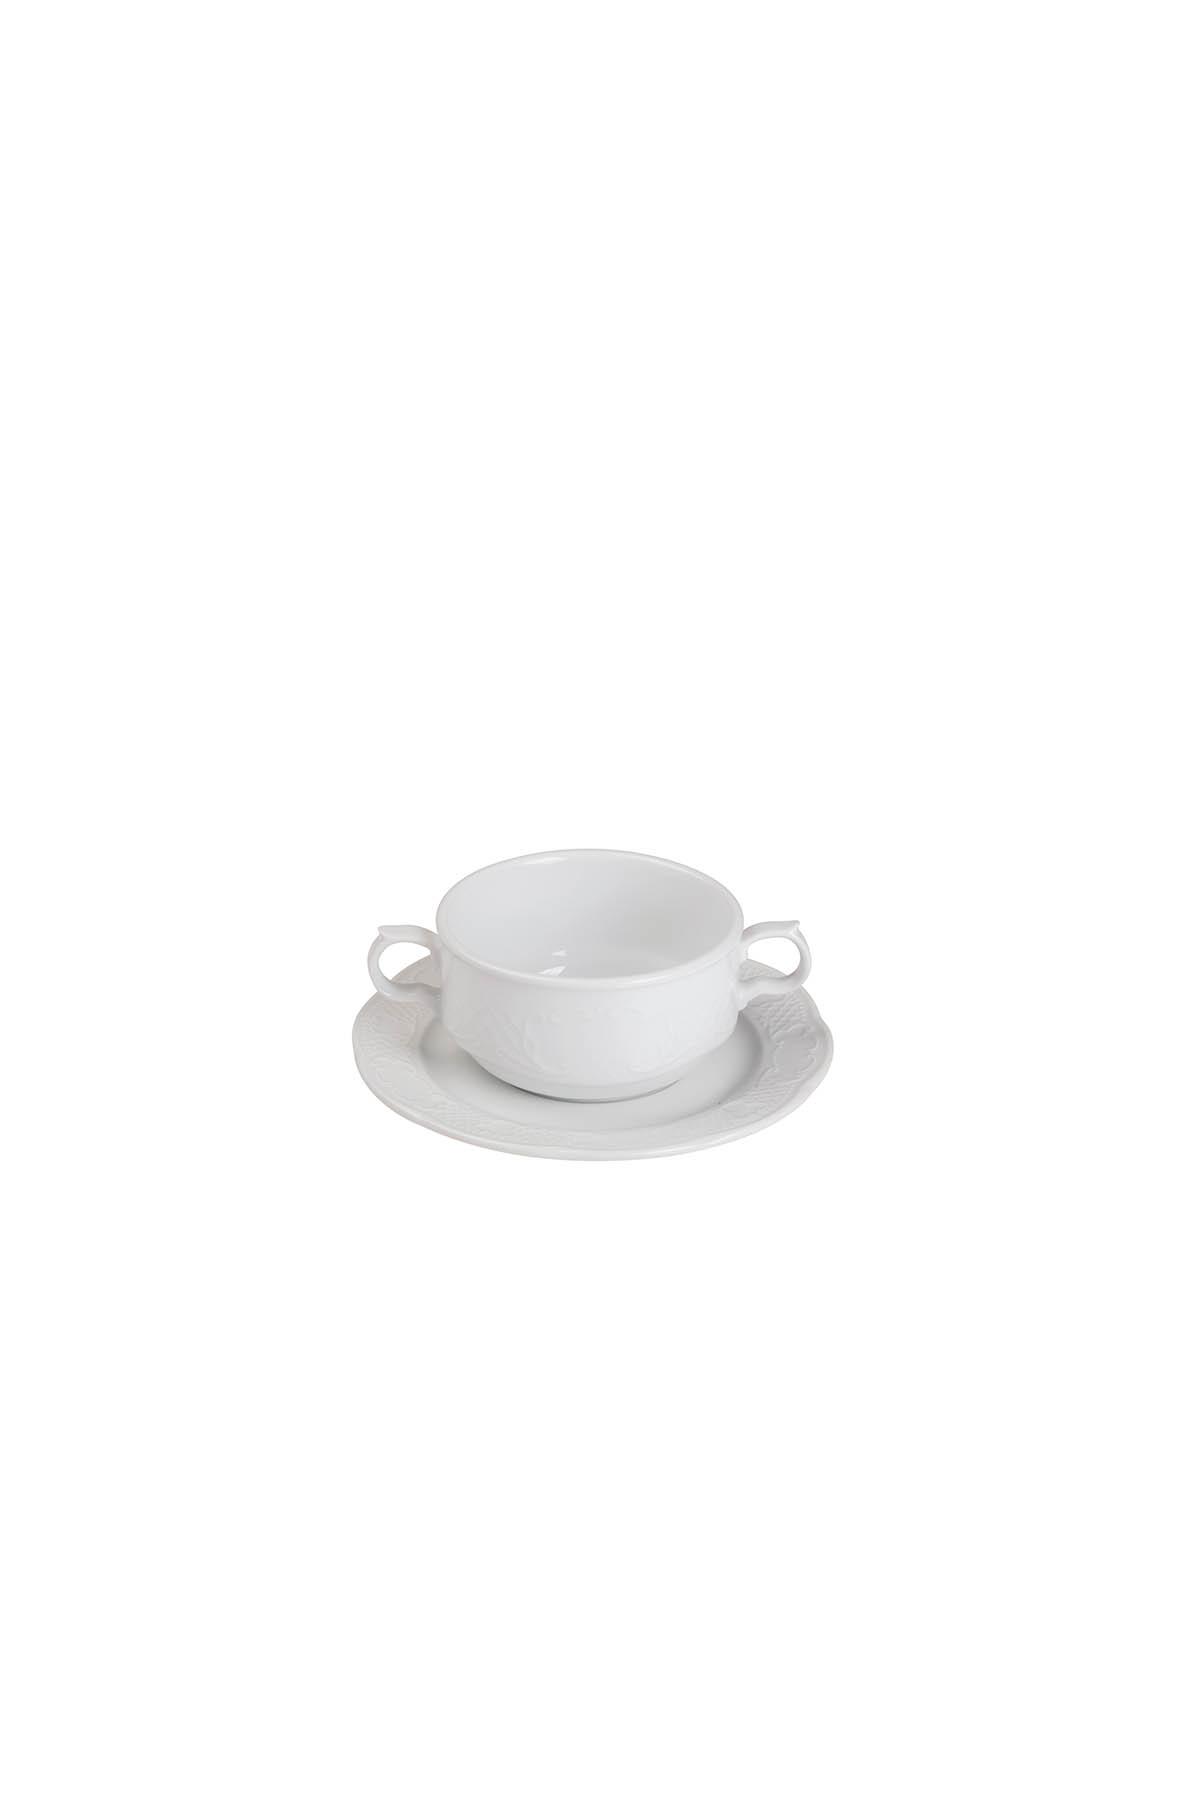 Kütahya Porselen - Kütahya Porselen Menuet 10 cm Dondurmalık Tabaklı